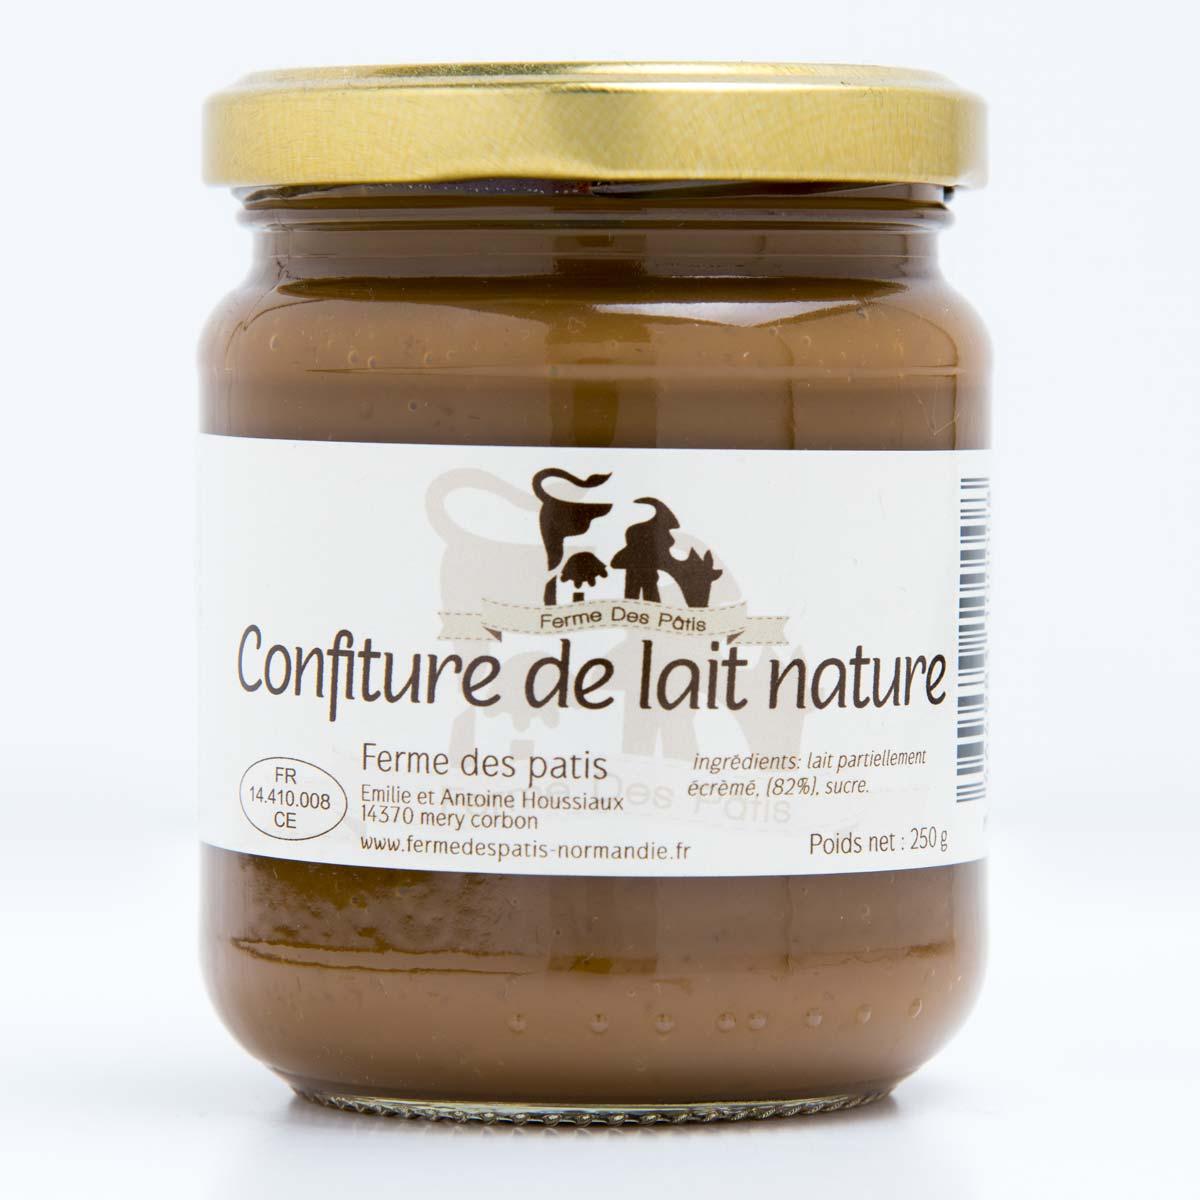 Confiture-de-lait-nature-ferme-des-patis